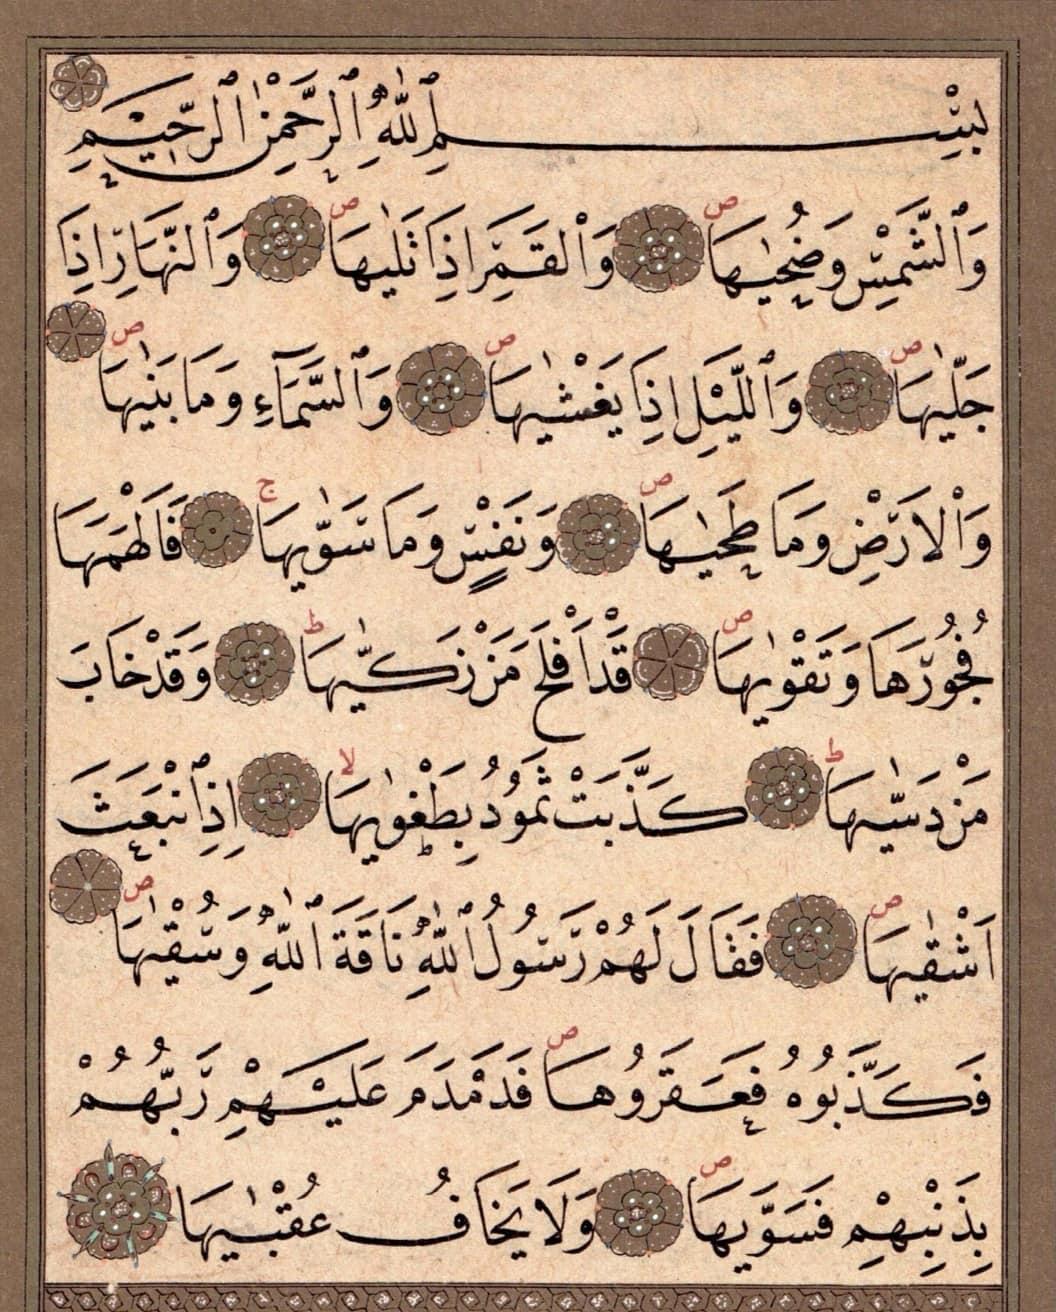 Download karya Kaligrafi Naskhi محمد شكر زاده رحمه الله. . . . . . . . . . . . . . . . . . #خط #خط_النسخ #خطاطين…-naskhcalligraphy